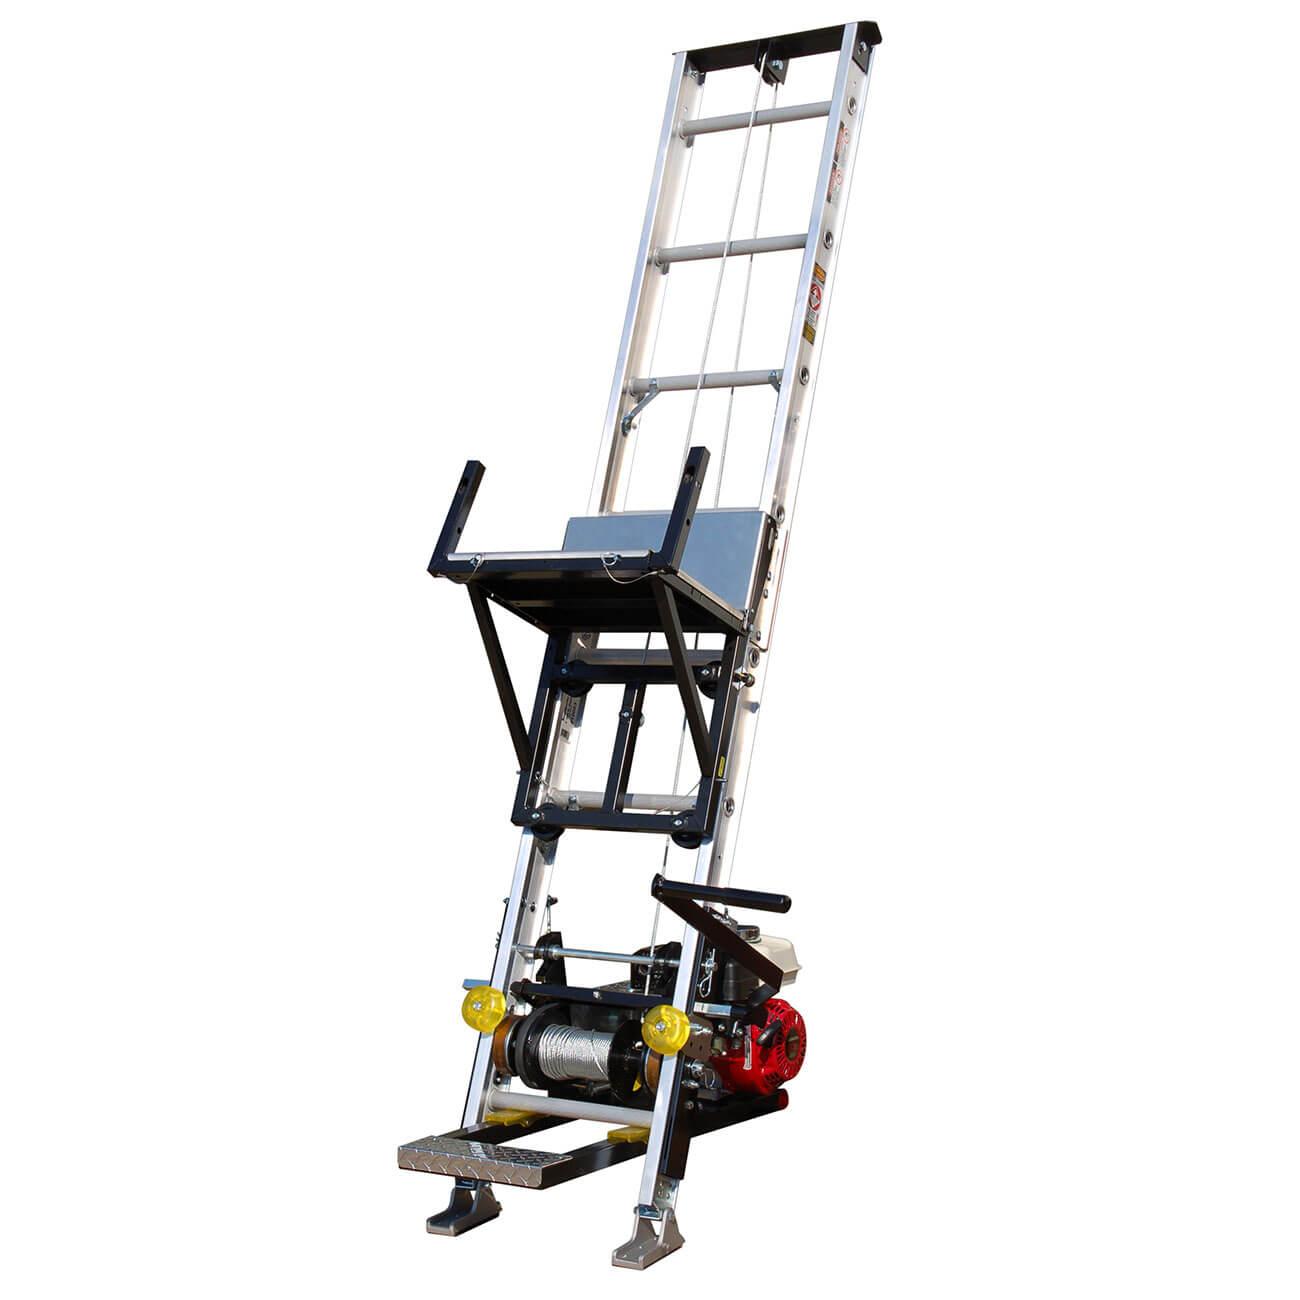 Tranzsporter Tp250 250lb 28ft Ladder Hoist From Buymbs